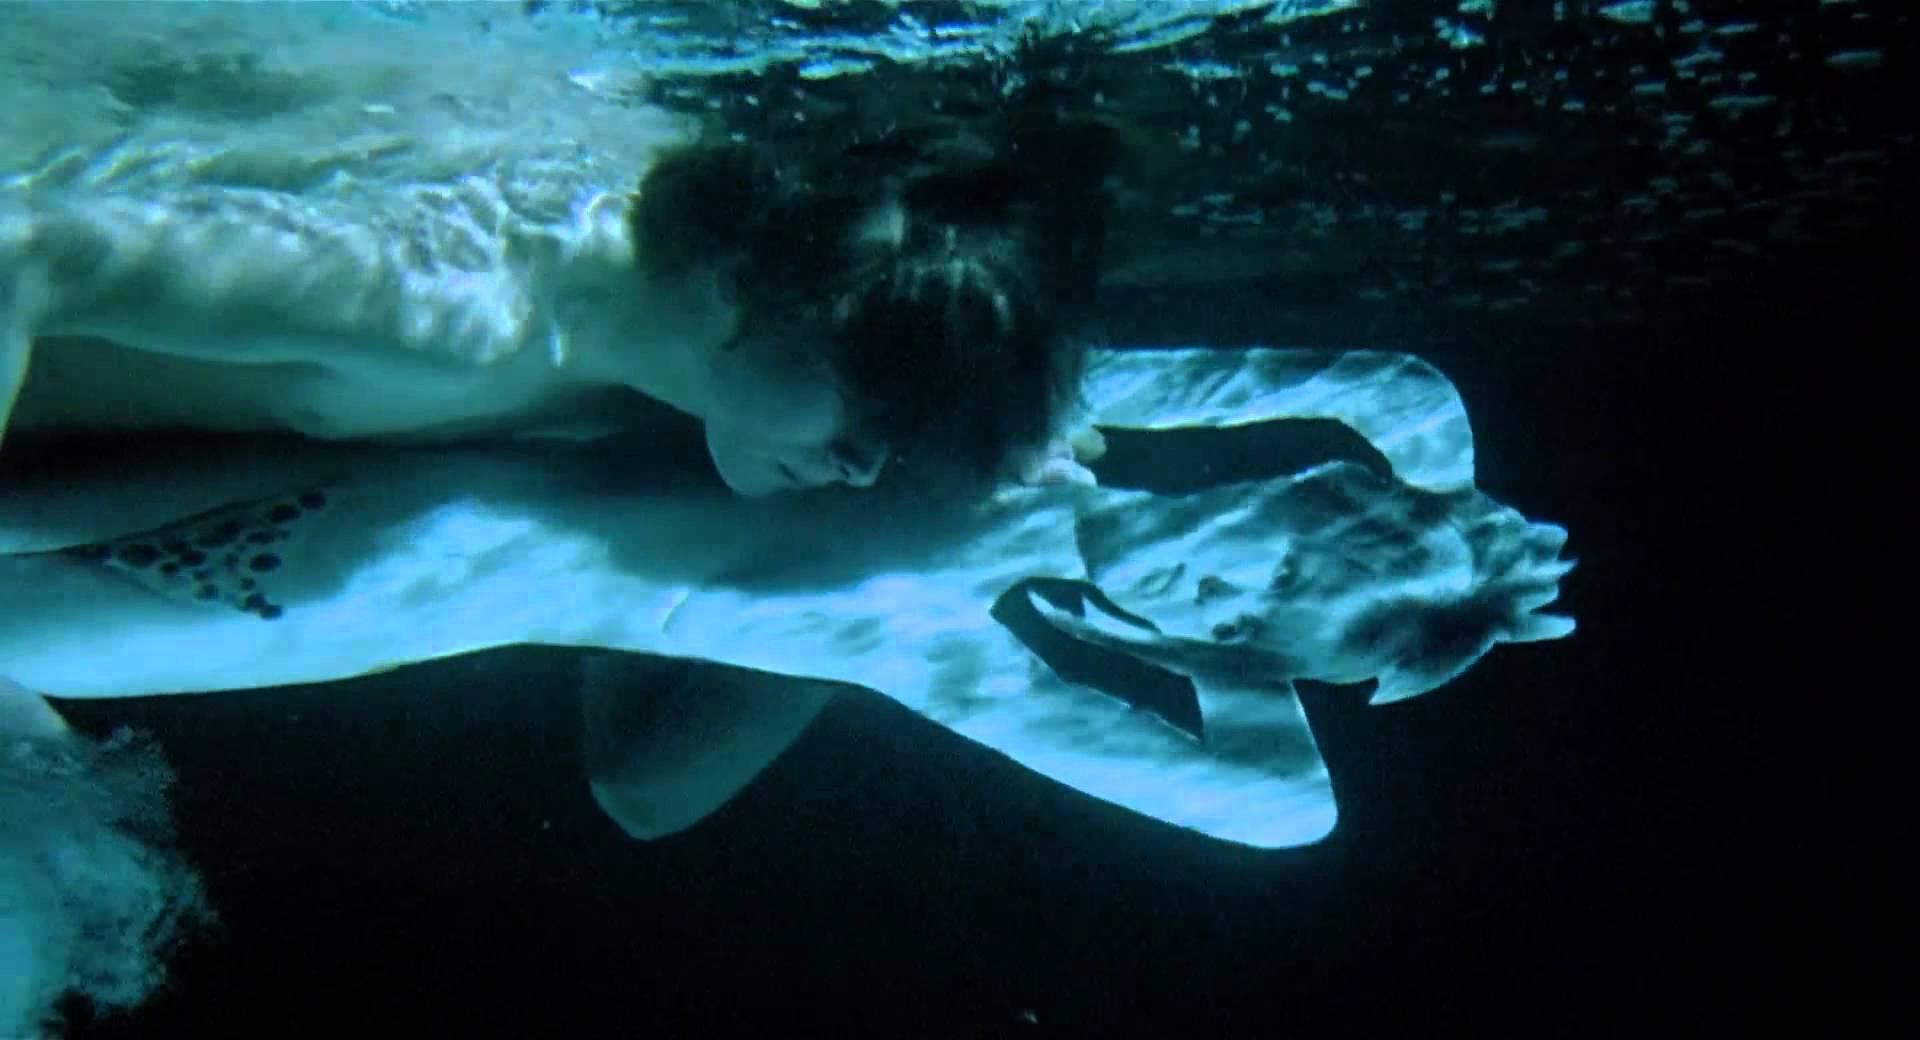 138. Deep End (1970)